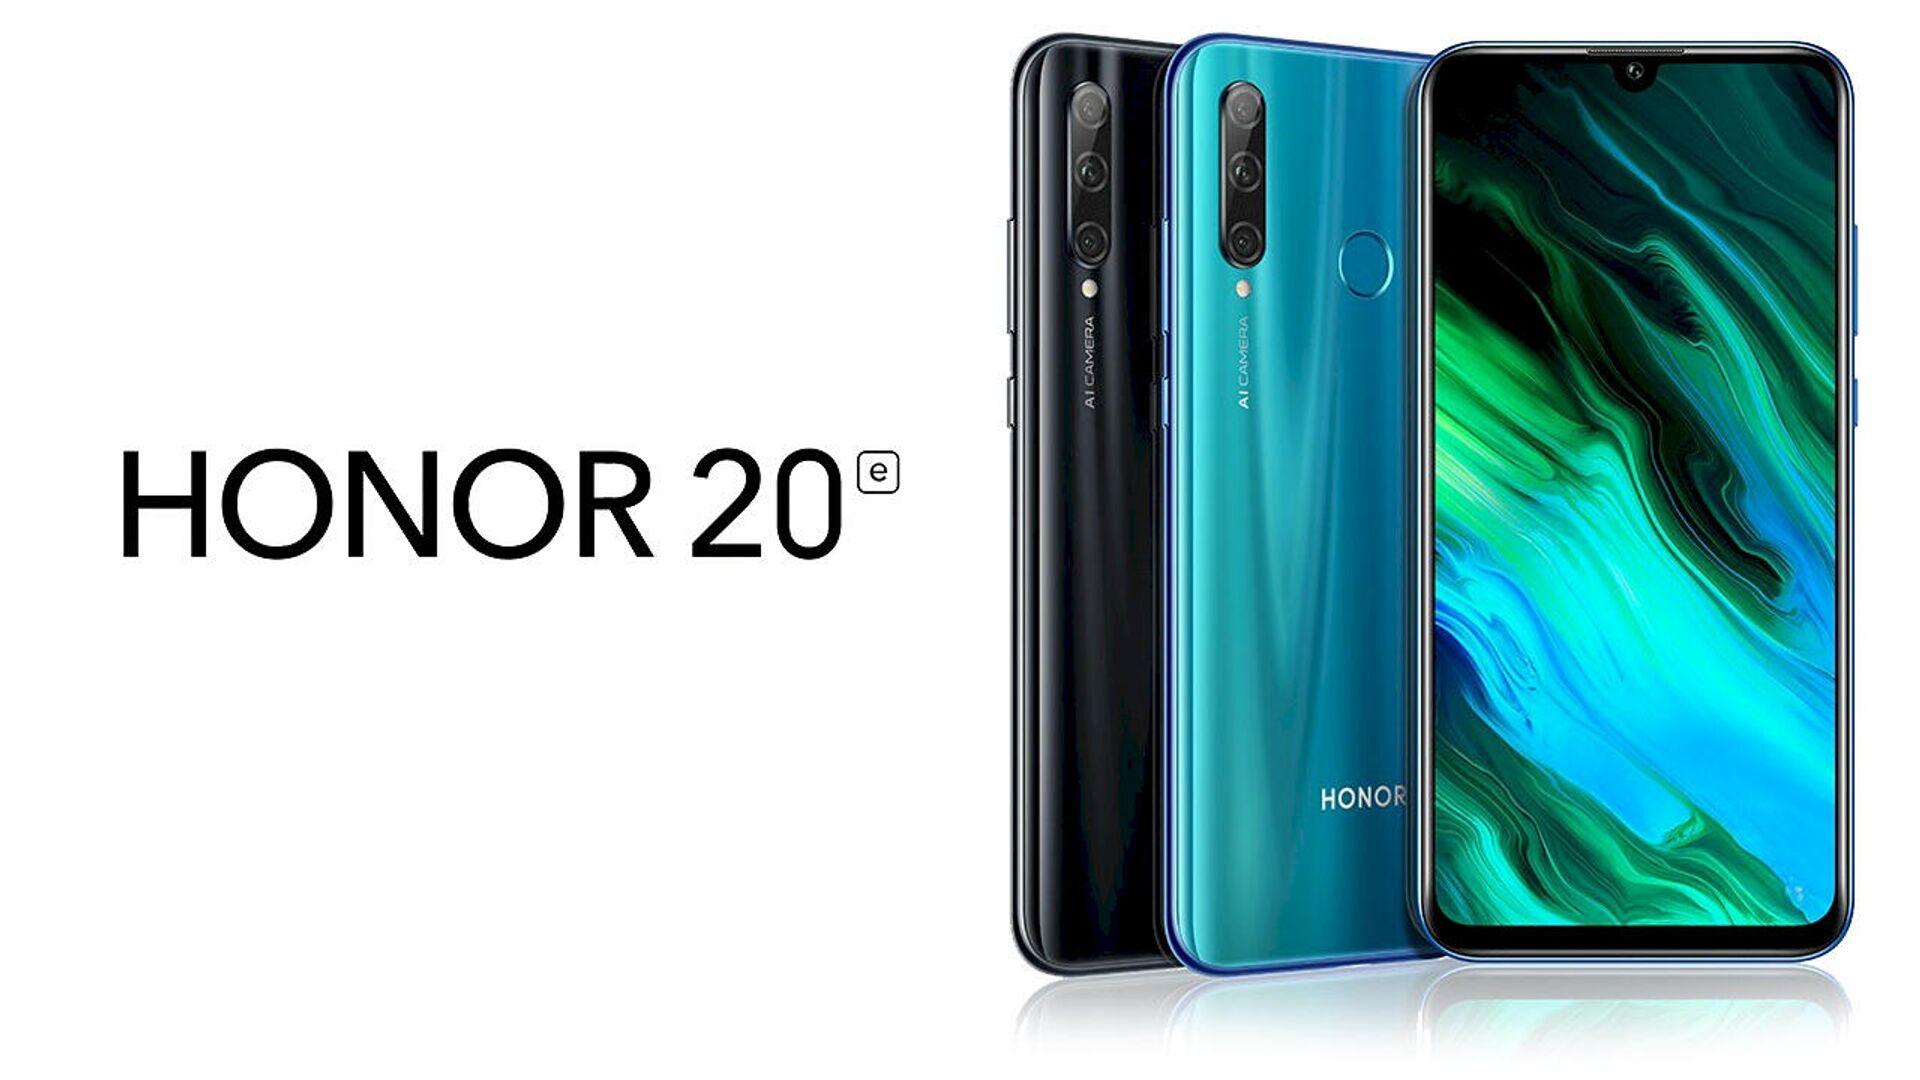 Новый смартфон Honor получит чип Snapdragon 778G 5G